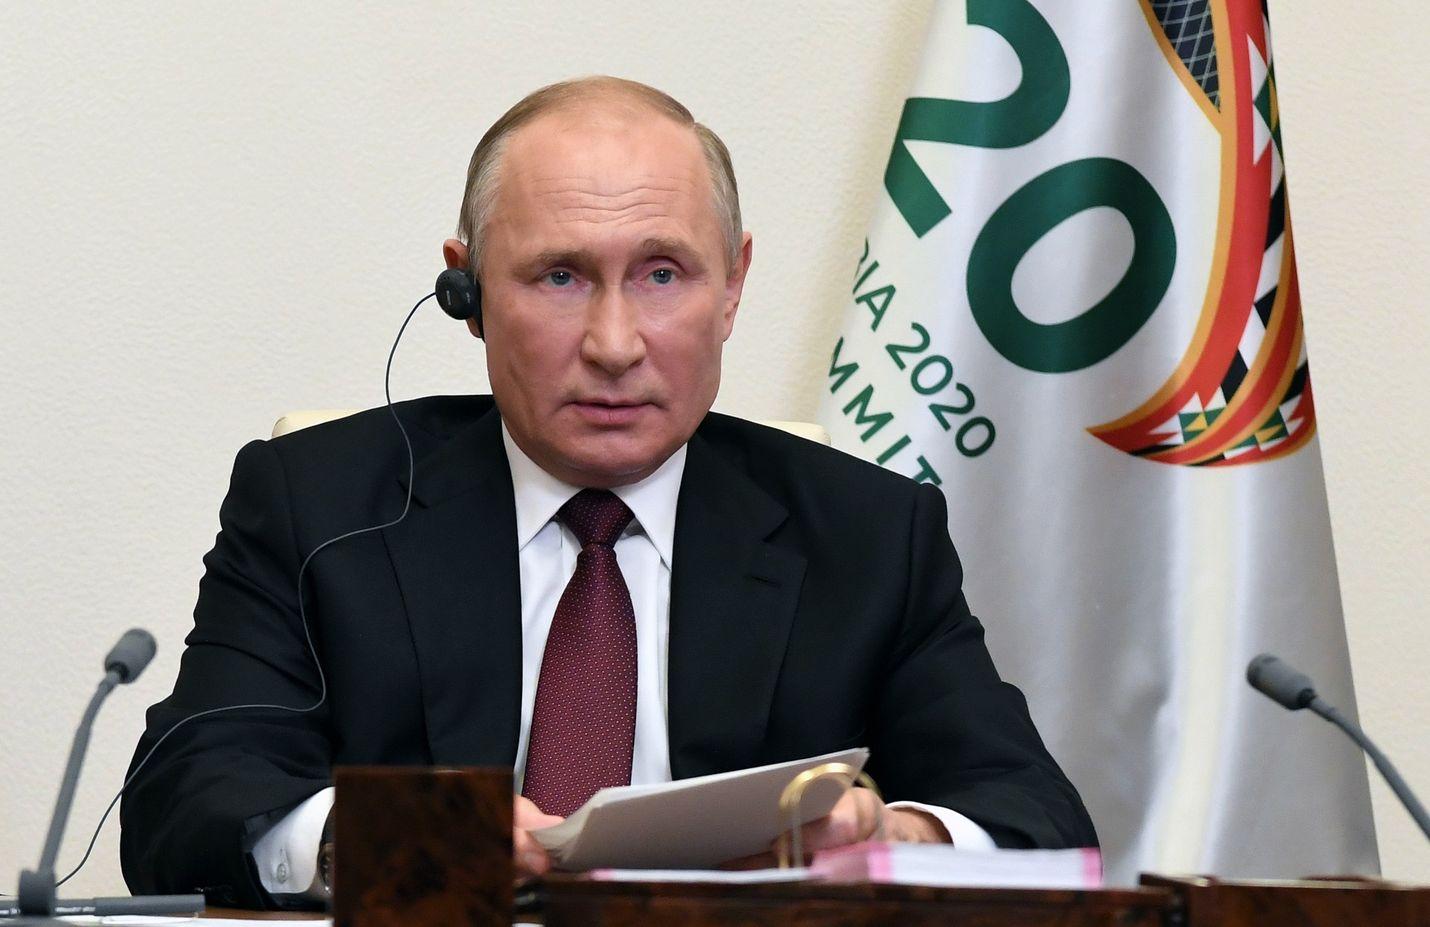 Venäjän presidentti Vladimir Putin osallistui viikonloppuna G20-maiden huippukokoukseen videoyhteyden välityksellä Moskovan ulkopuolella sijaitsevasta Novo-Ogarjovon valtion residenssistä käsin.